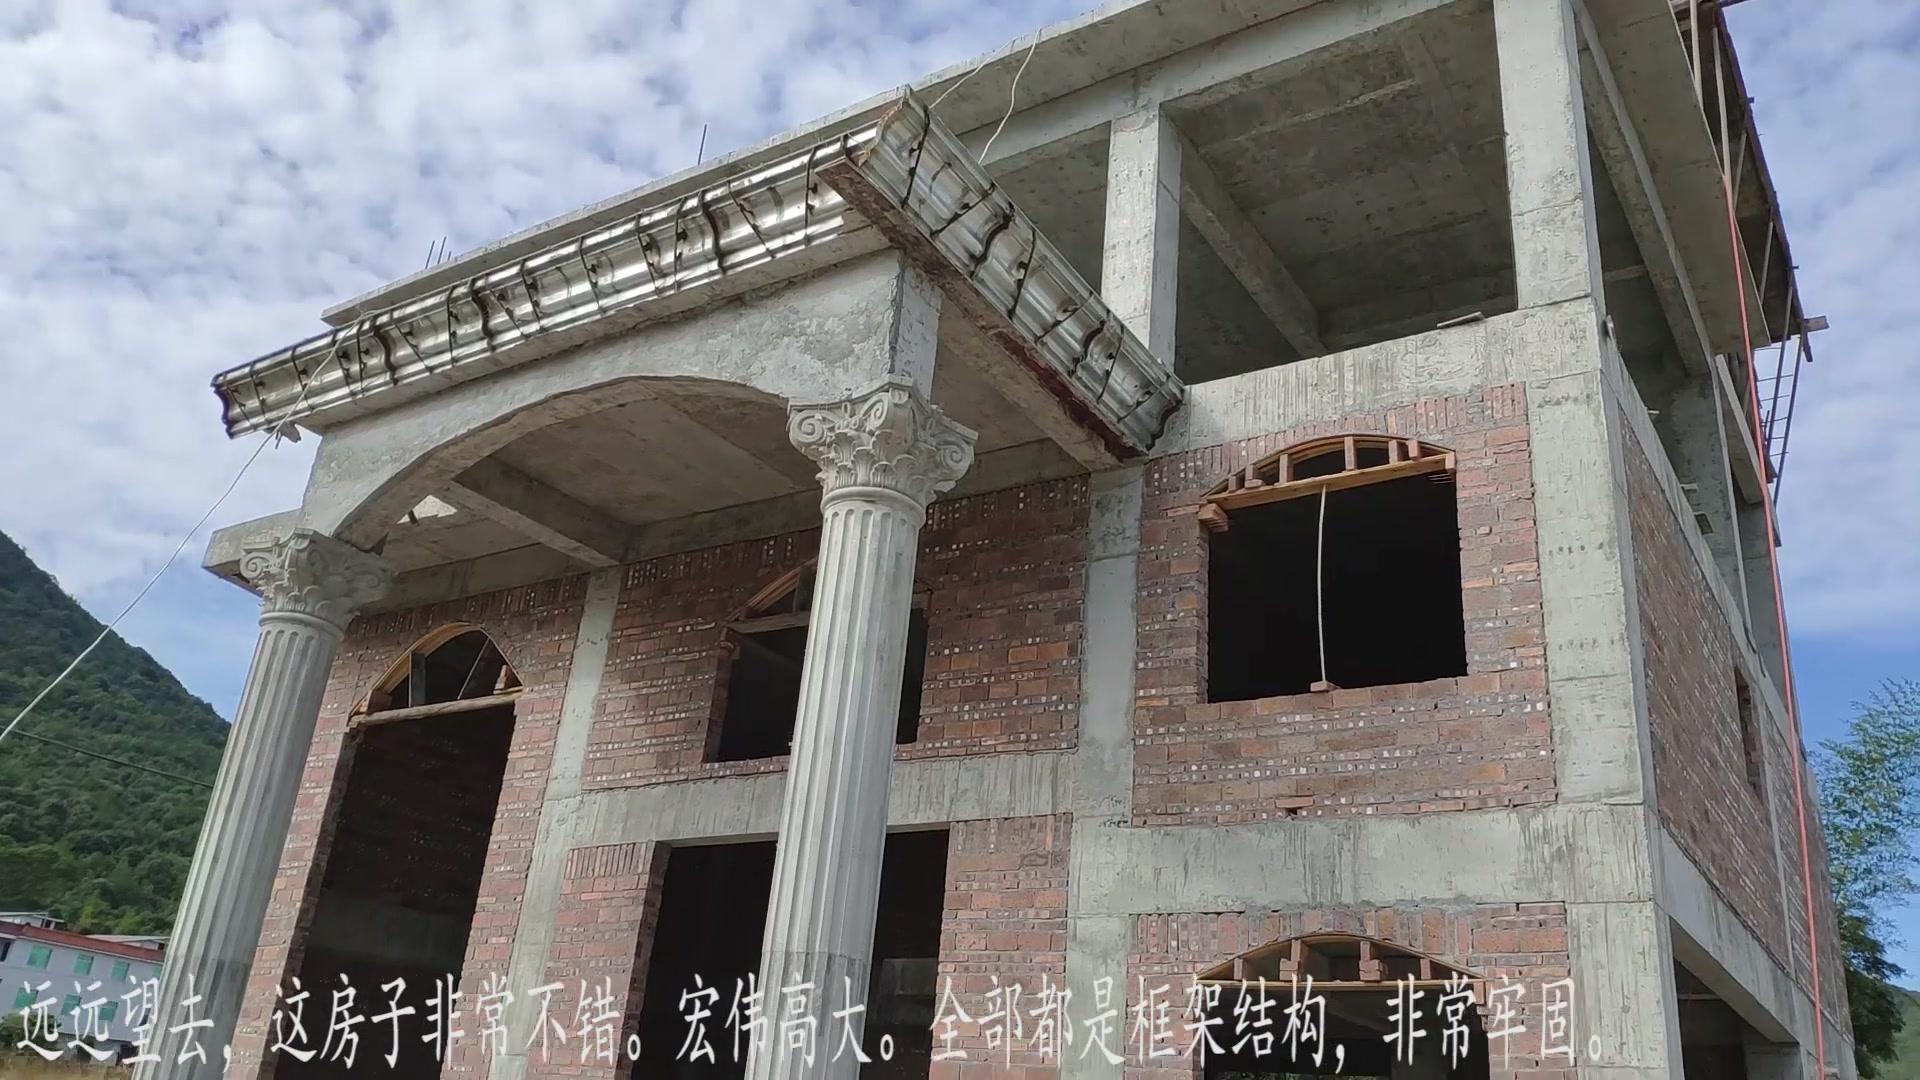 农民朋友建别墅,还没完工 就显得磅礴气派 城里人:真舍得投资啊